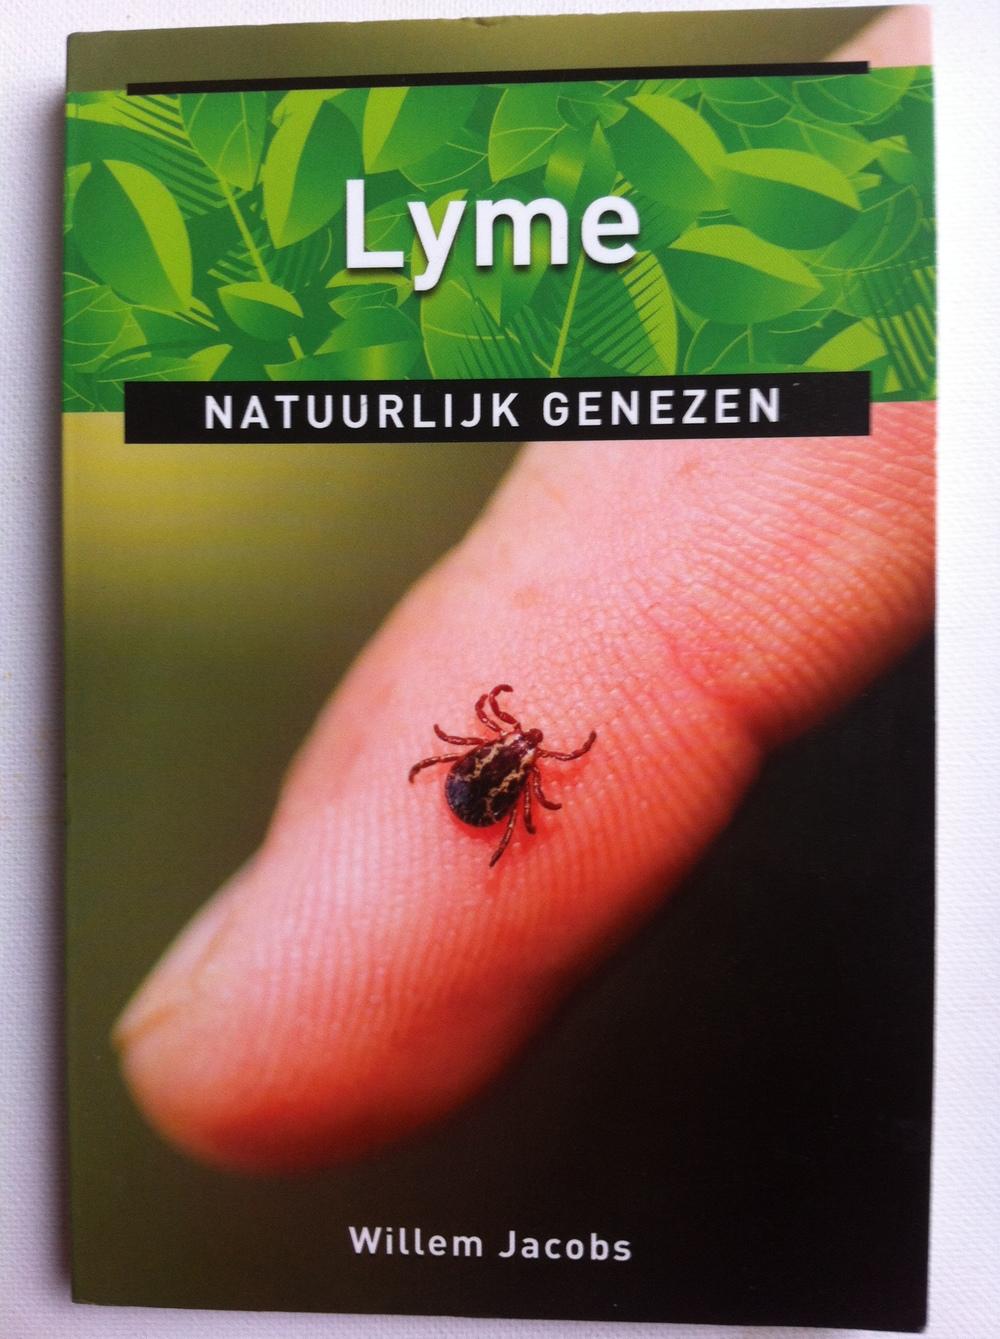 'Lymenatuurlijk Genezen', Willem Jacobs, een praktisch boekje.